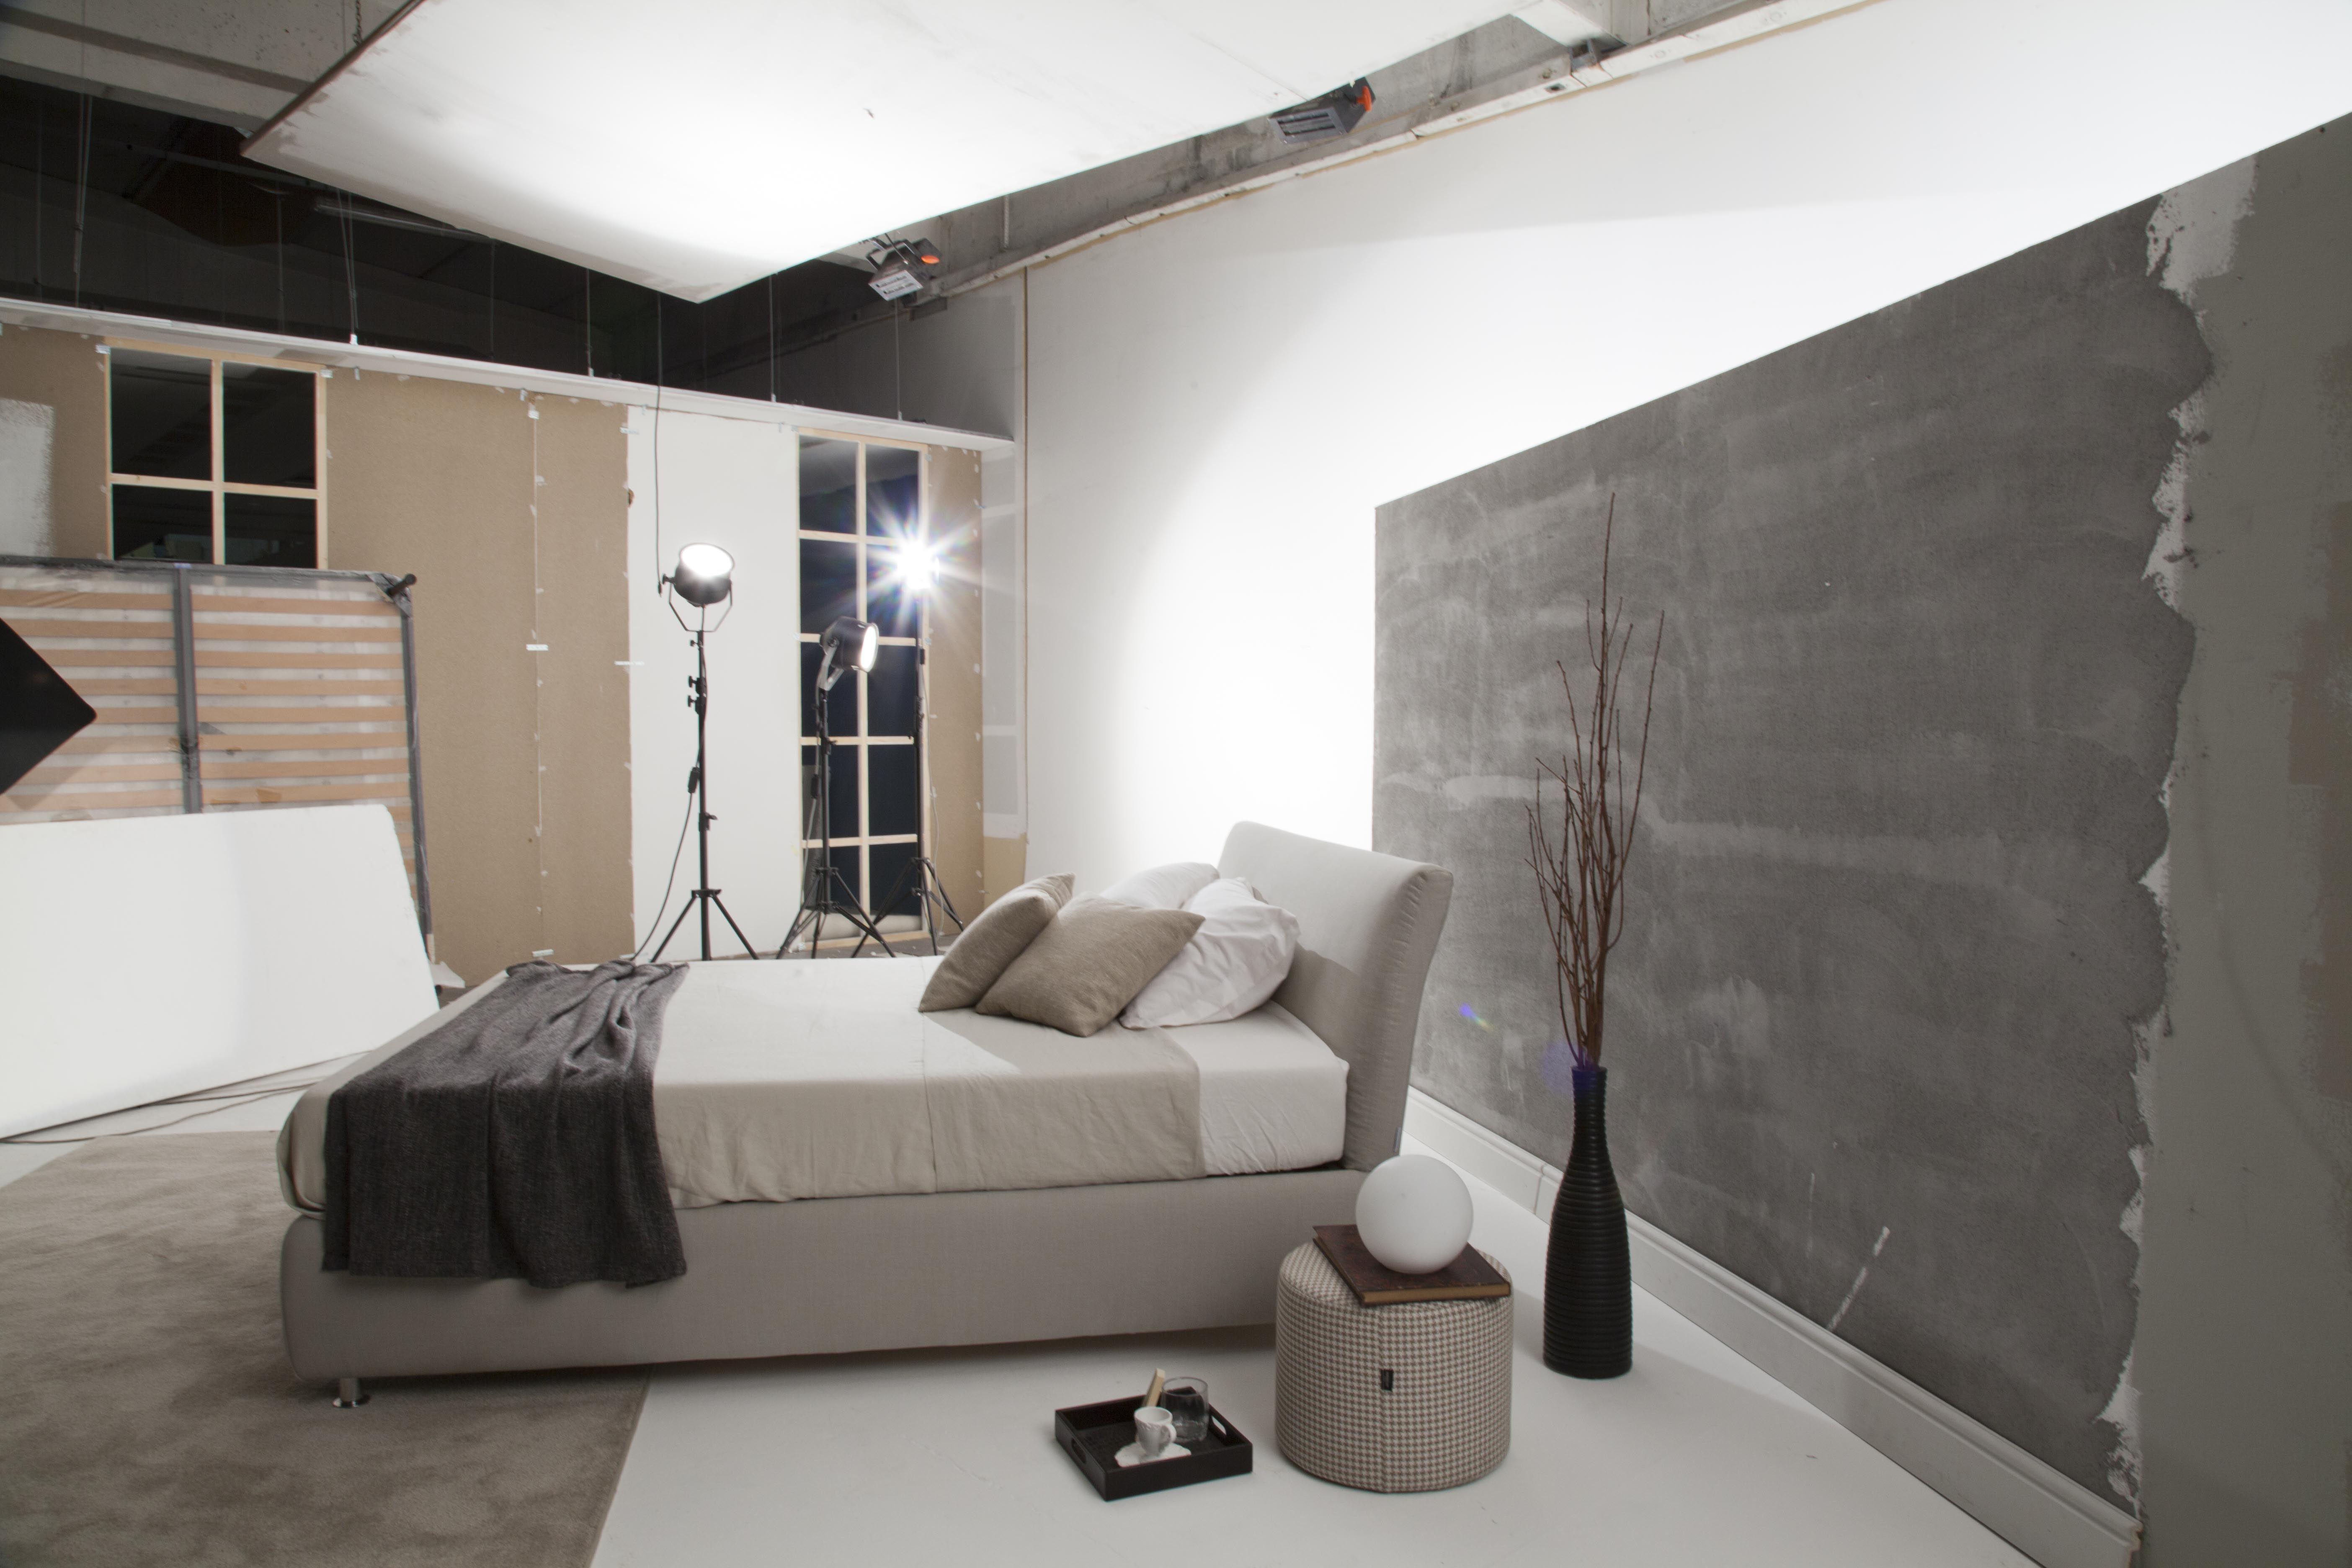 In sala pose stiamo fotografando ogni dettaglio del letto Design